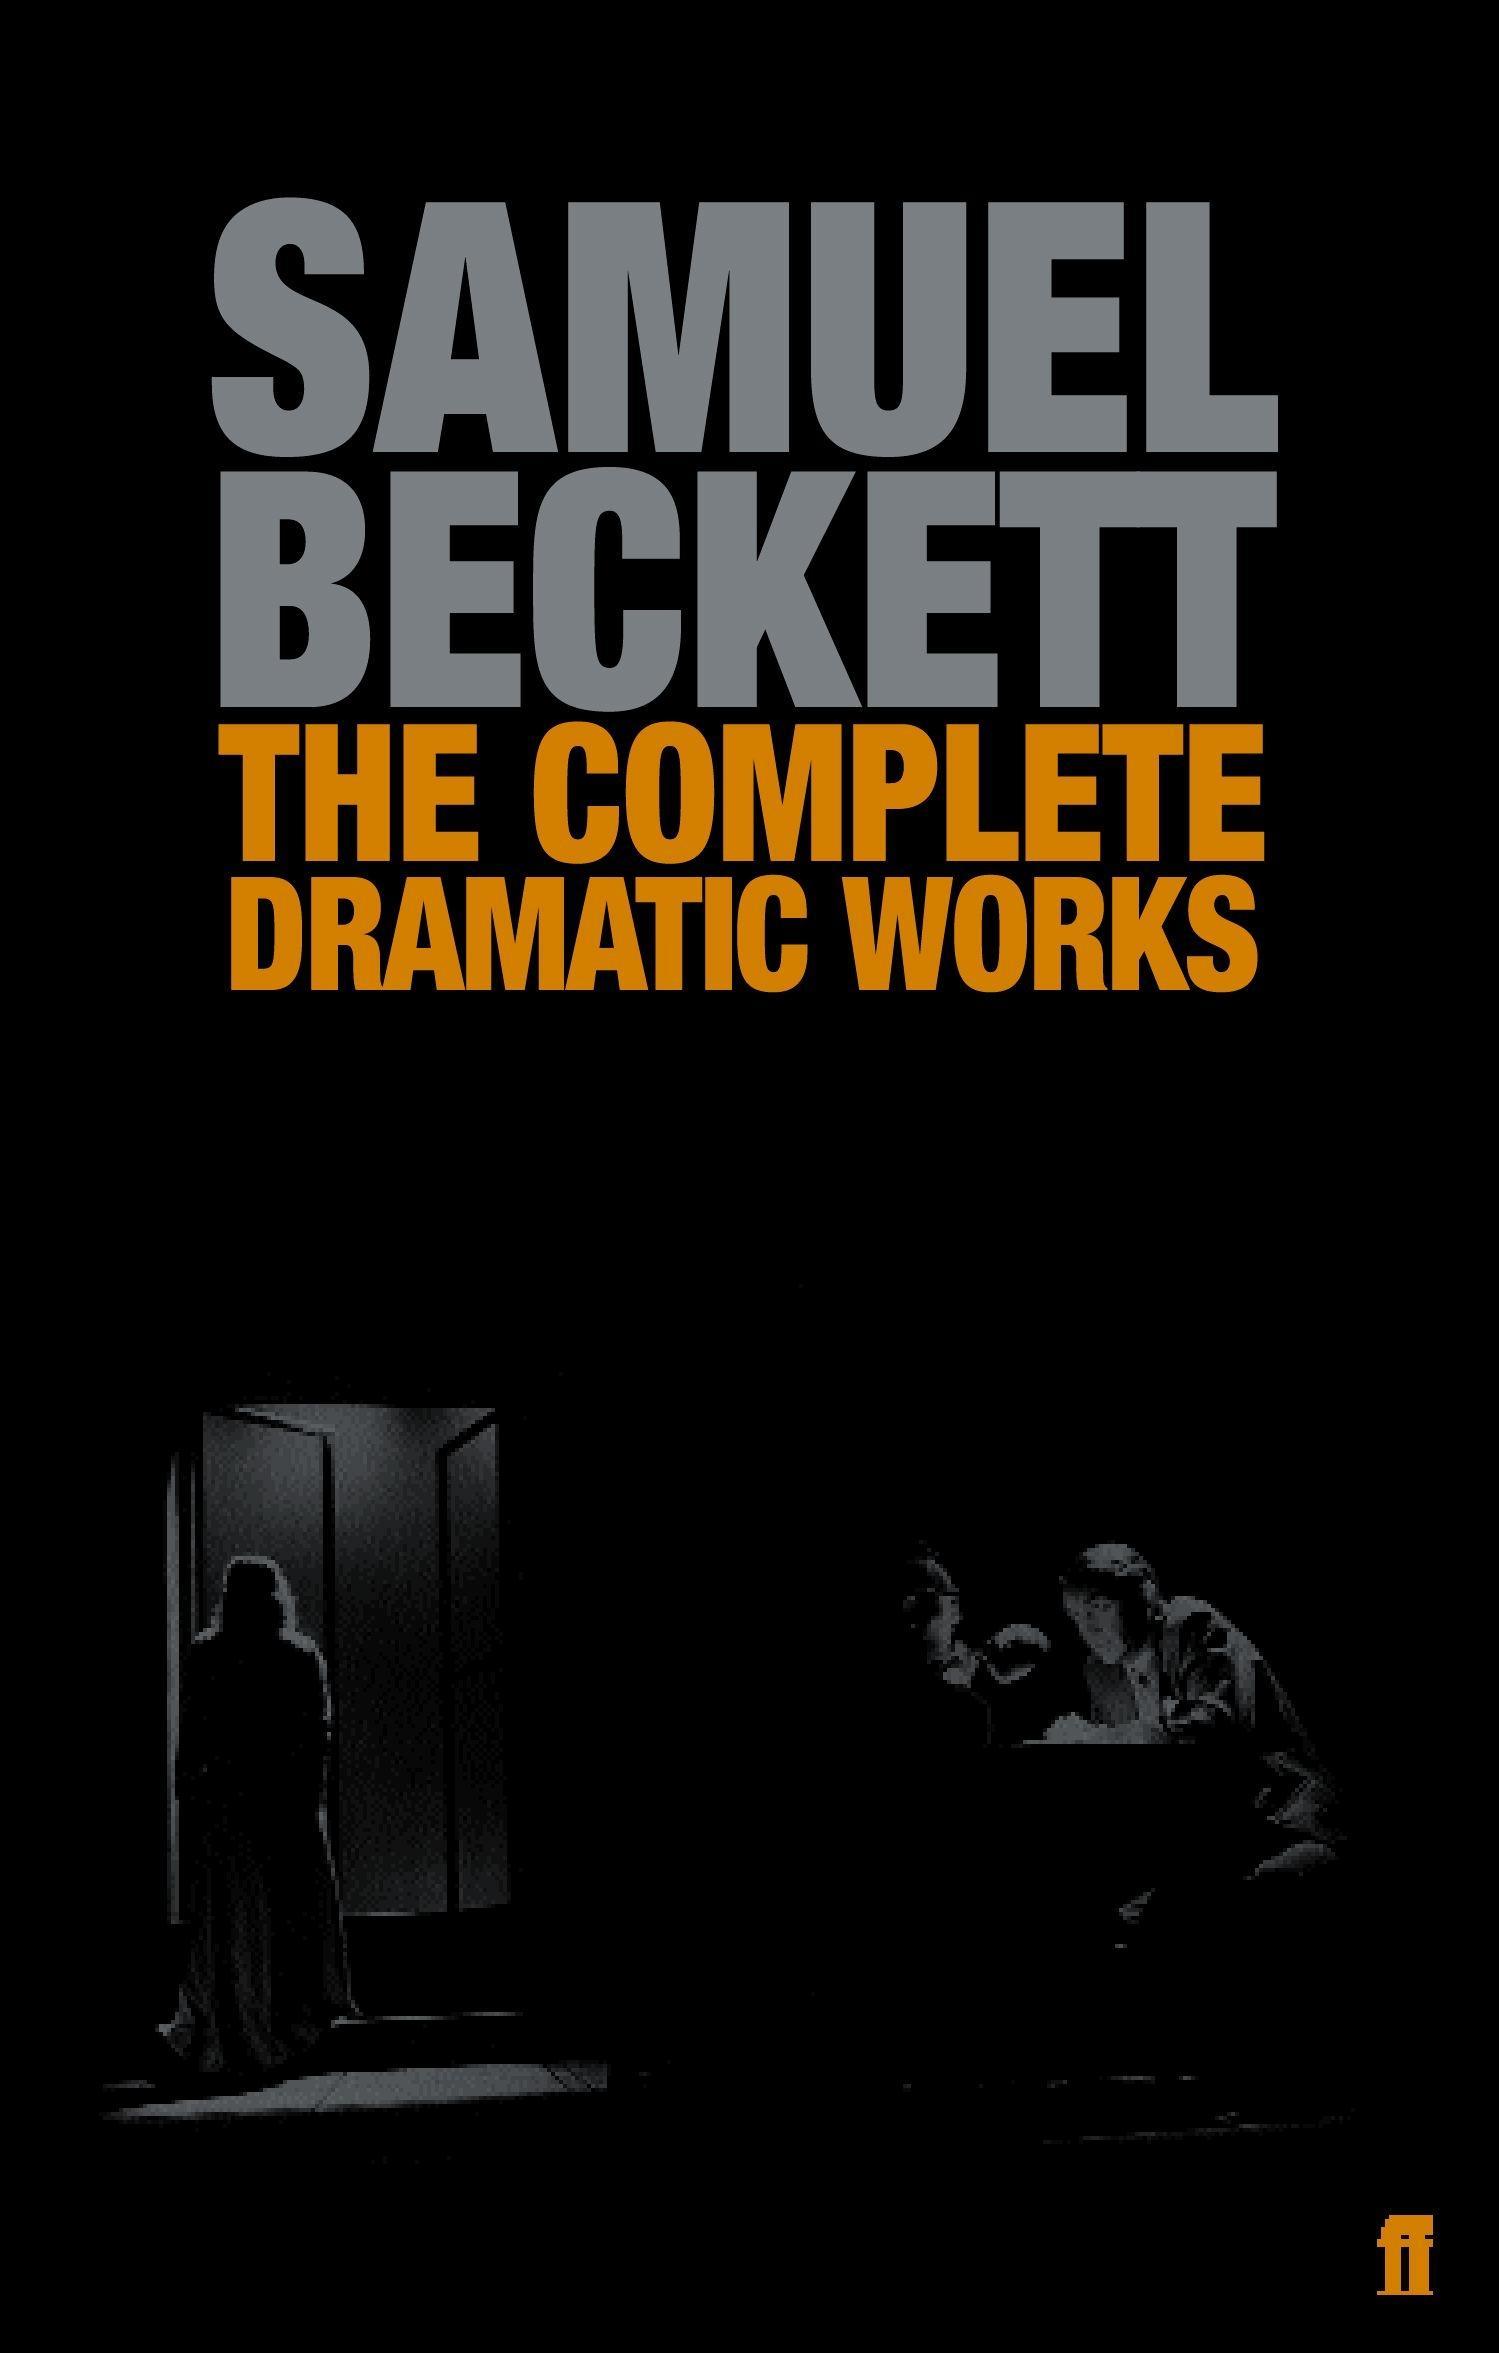 Complete Dramatic Works  Samuel Beckett  Taschenbuch  Englisch  2006